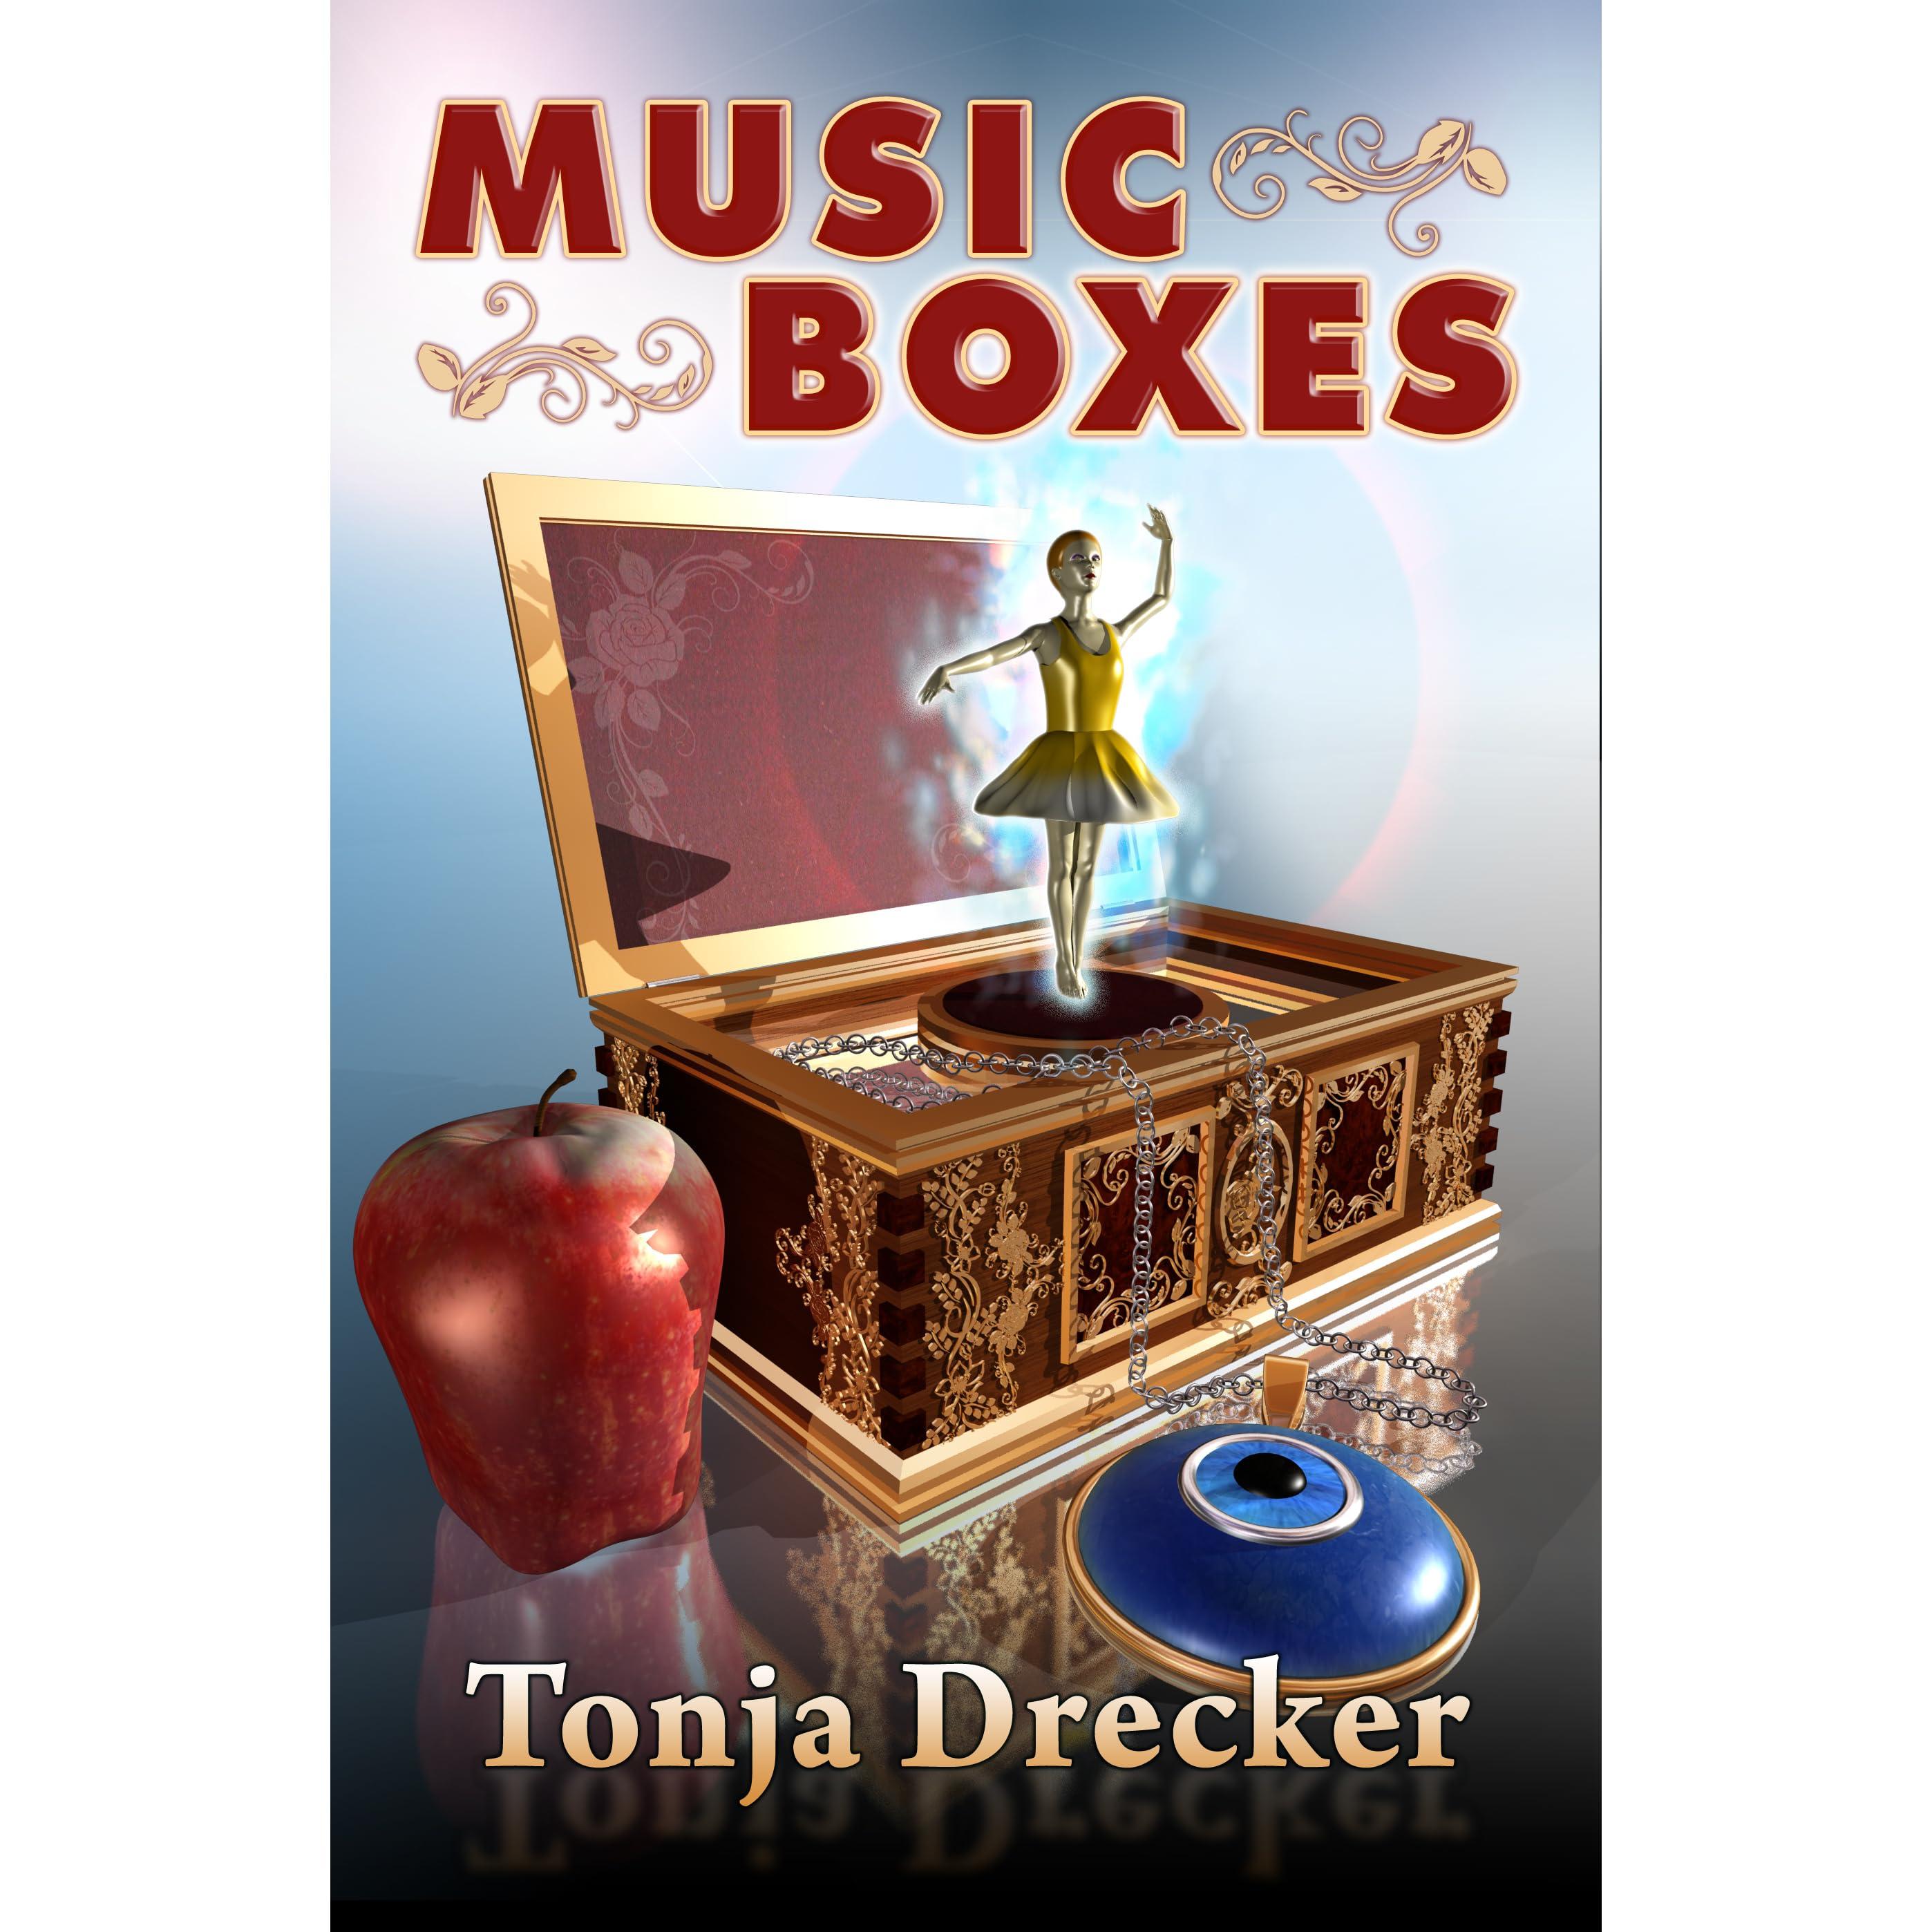 Music Boxes by Tonja Drecker